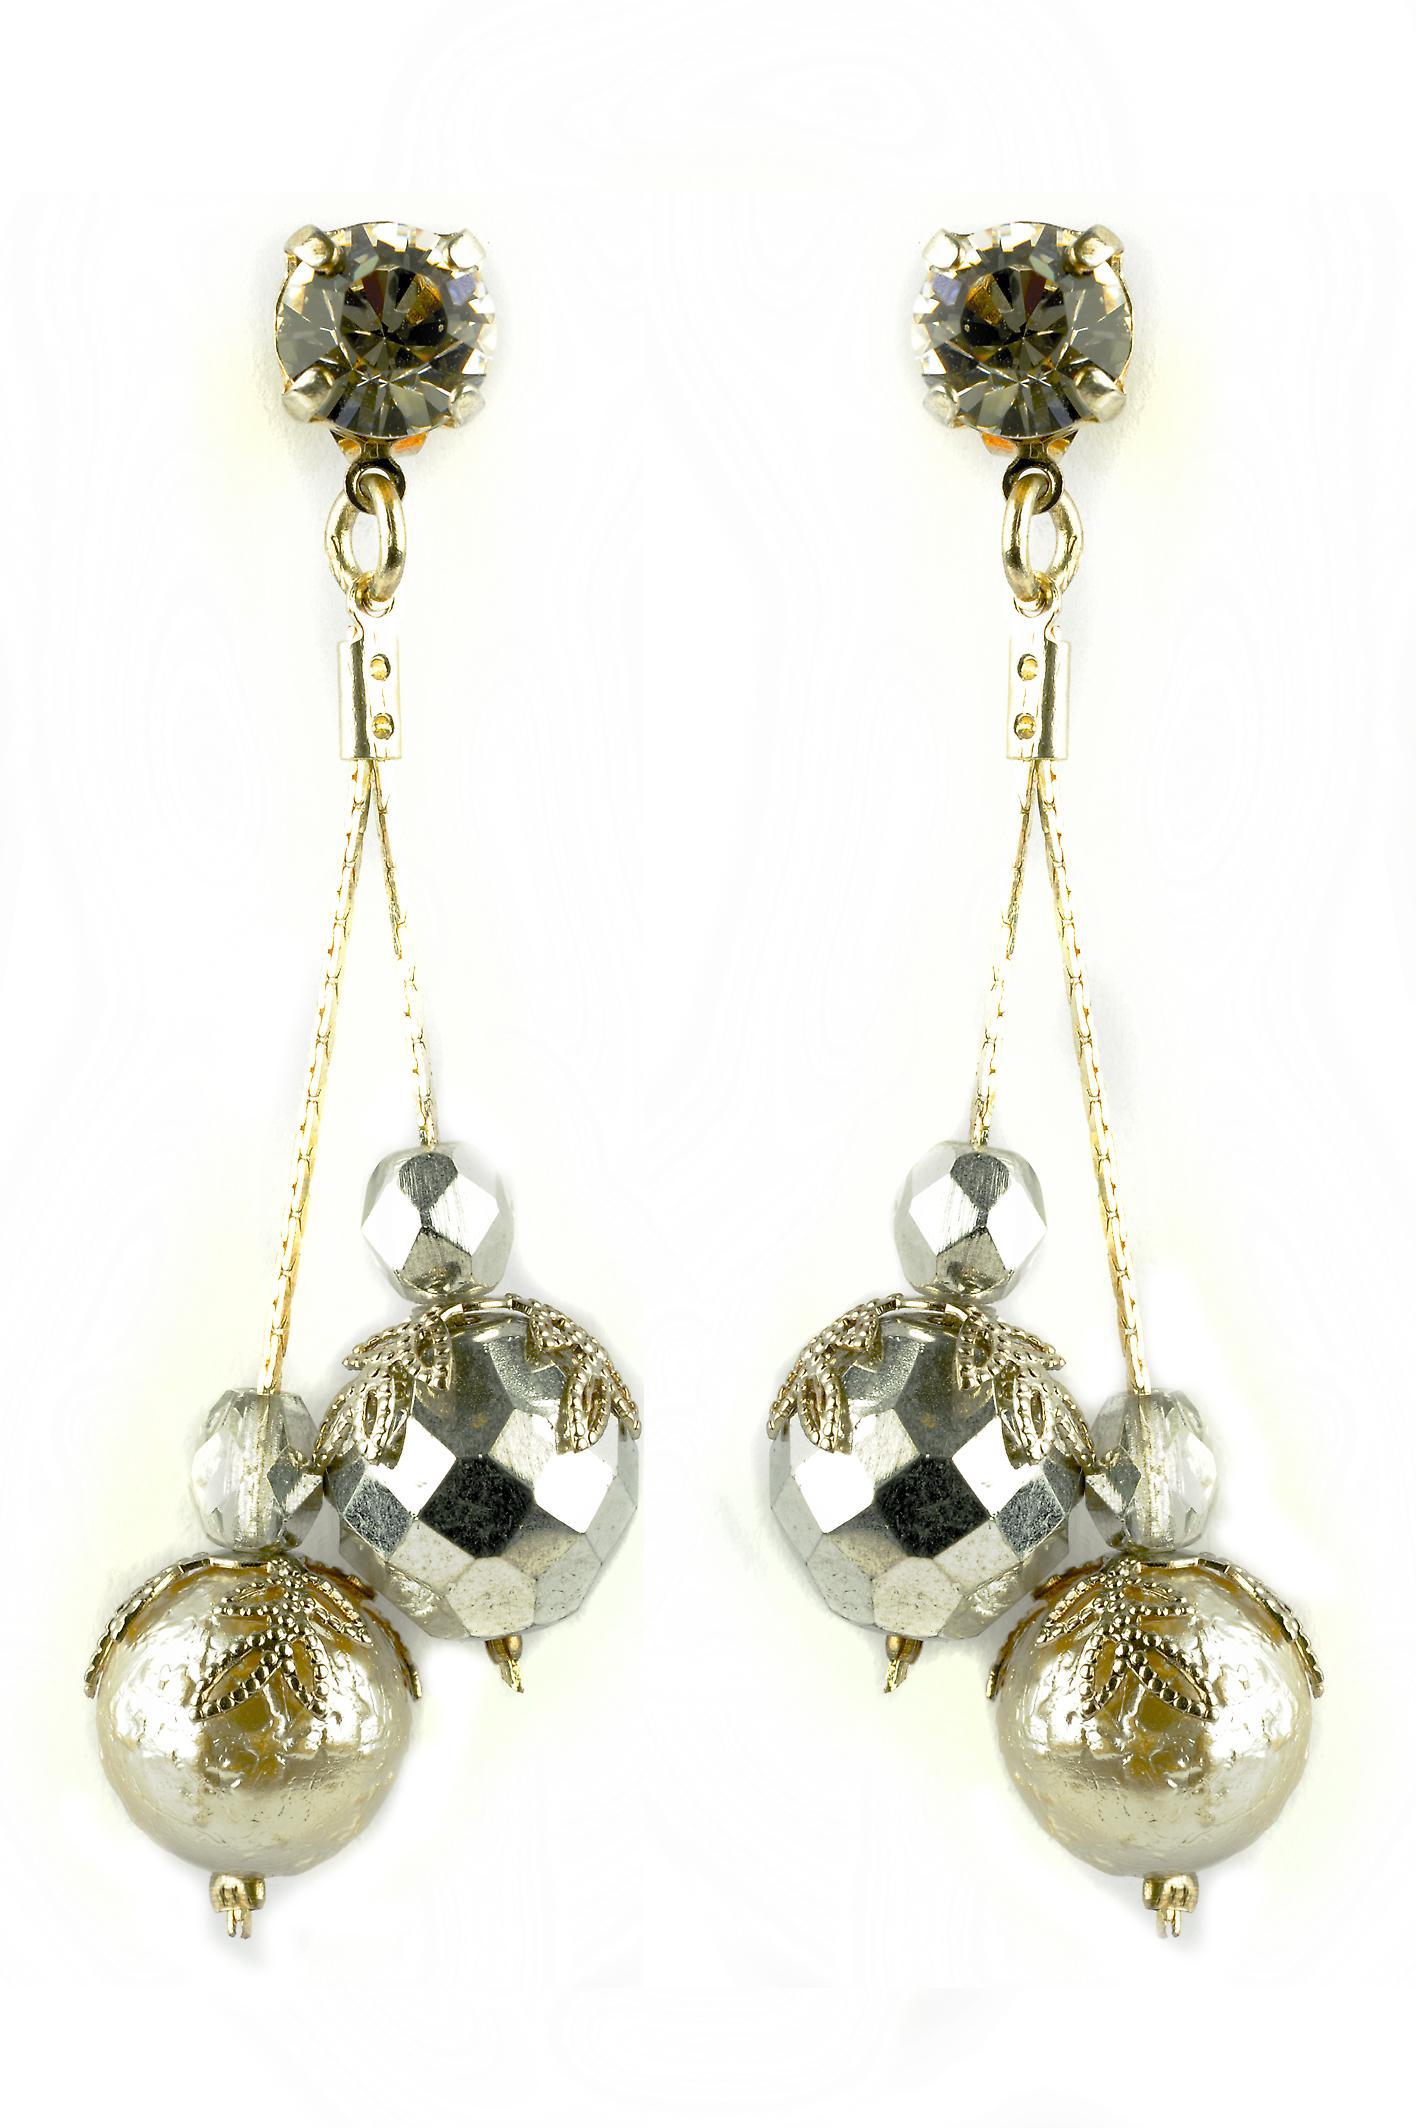 Waooh - Schmuck - WJ0697 - Ohrringe mit STRASS Swarovski Schwarz & Silber - Perlen Silber - Halterung Silber